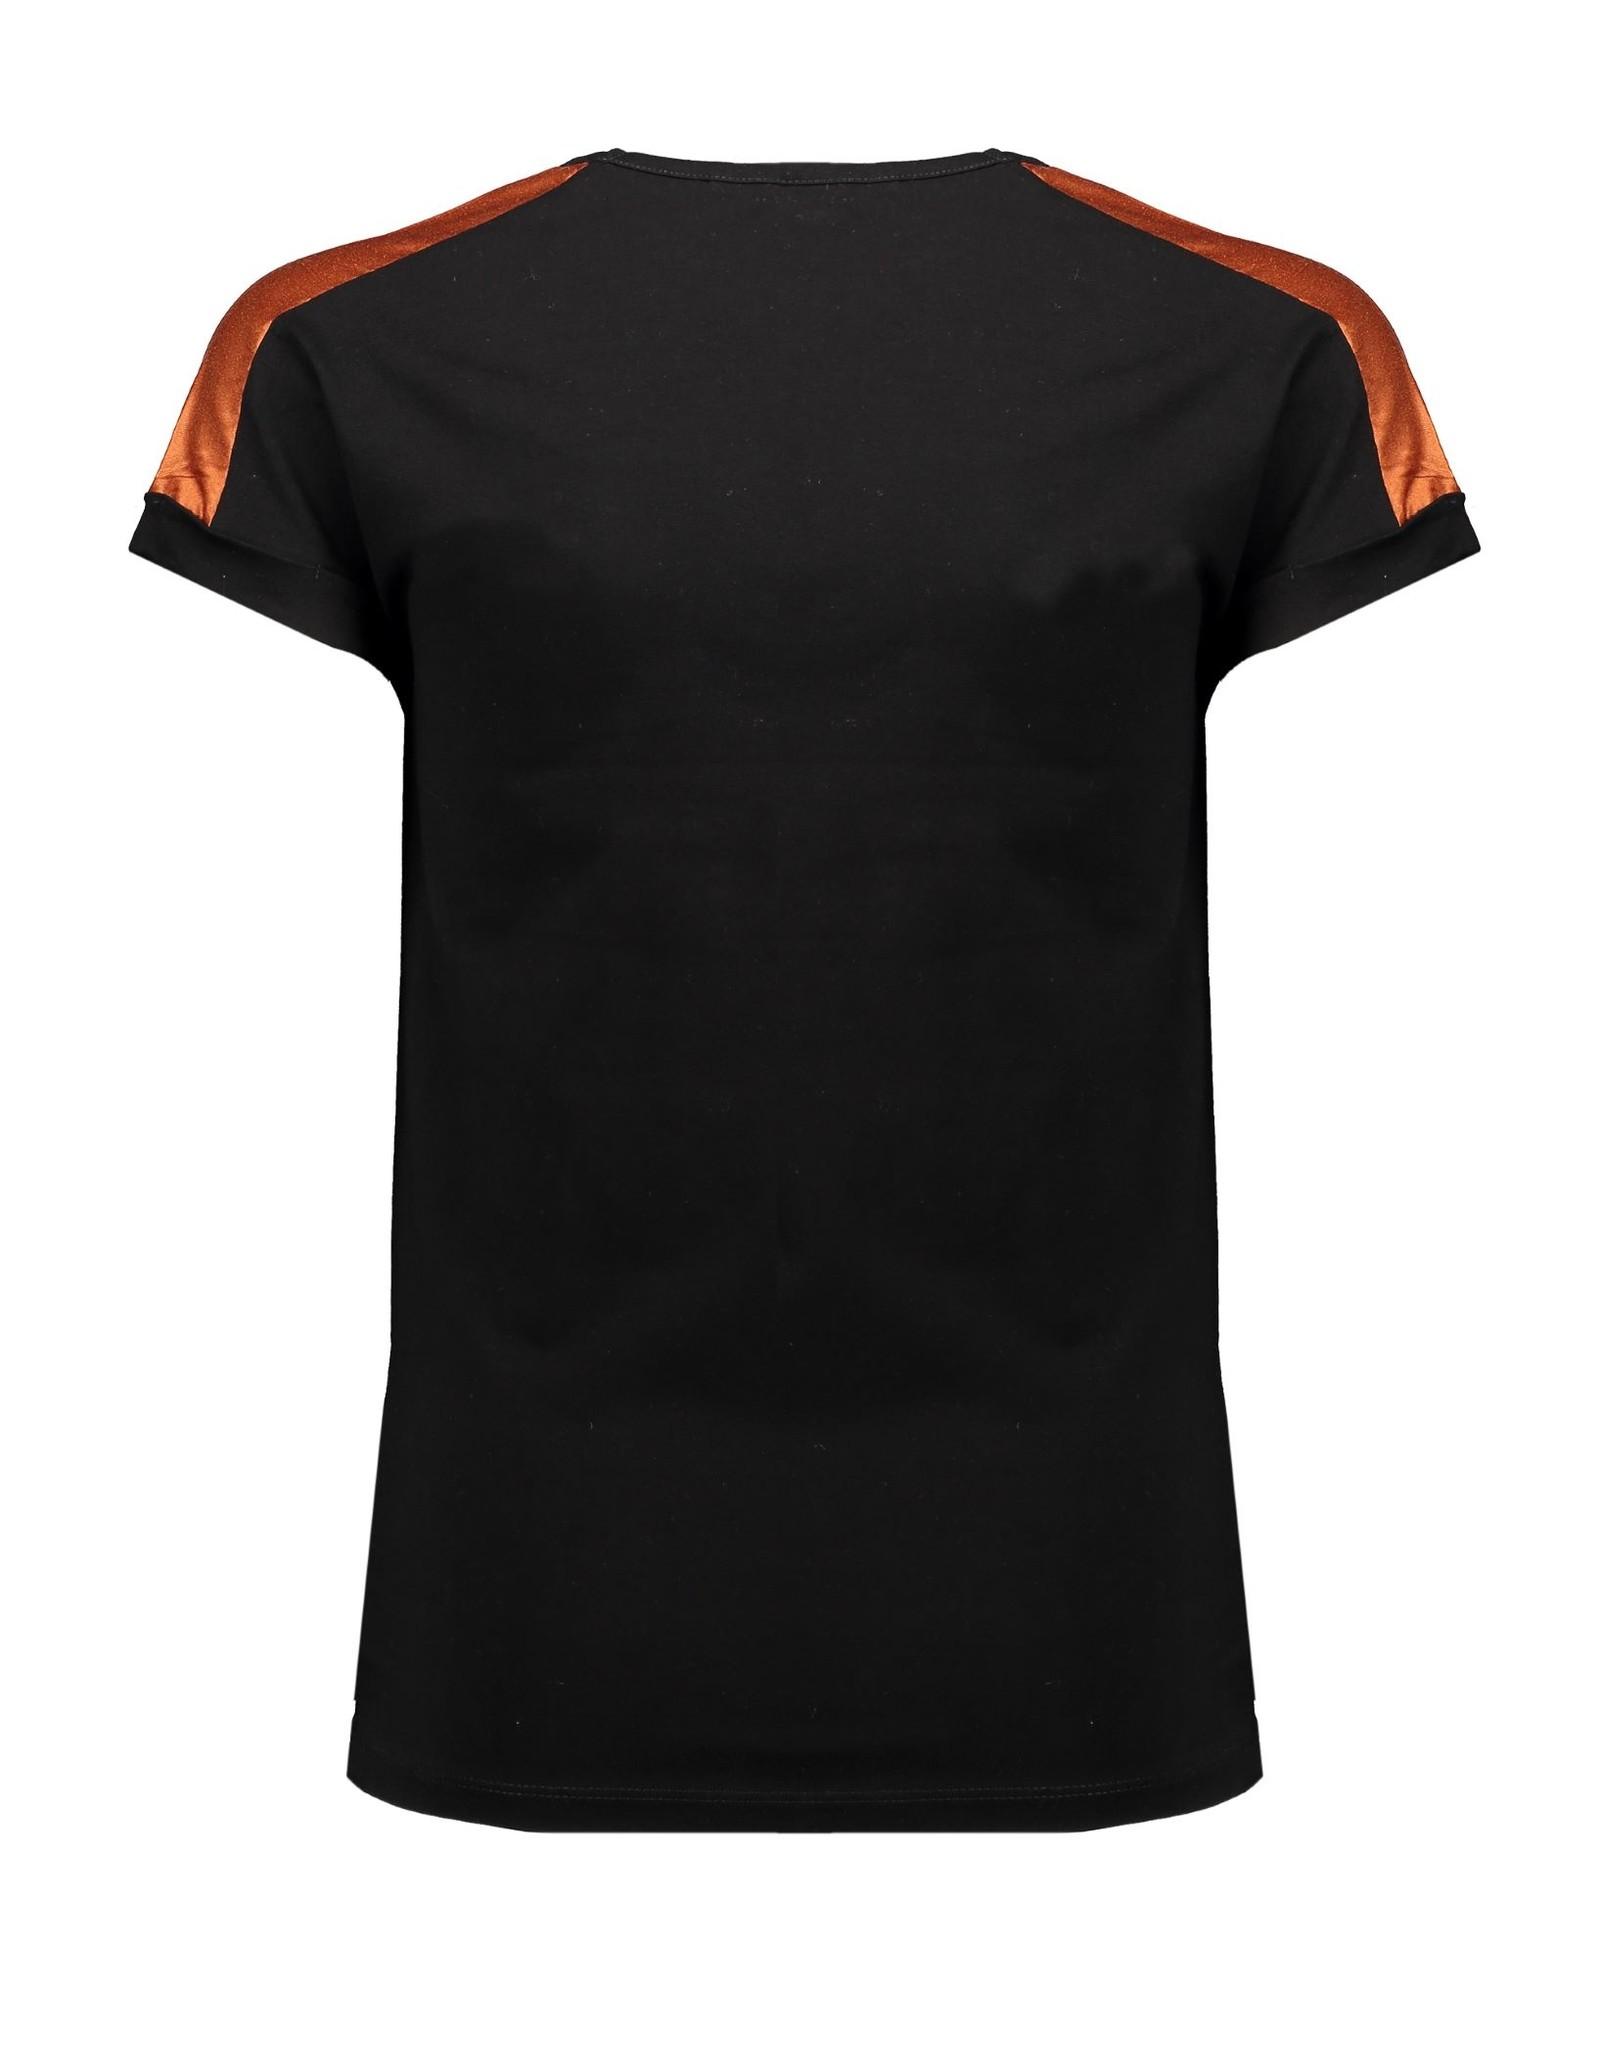 NoBell NoBell shirt 3401 jet black